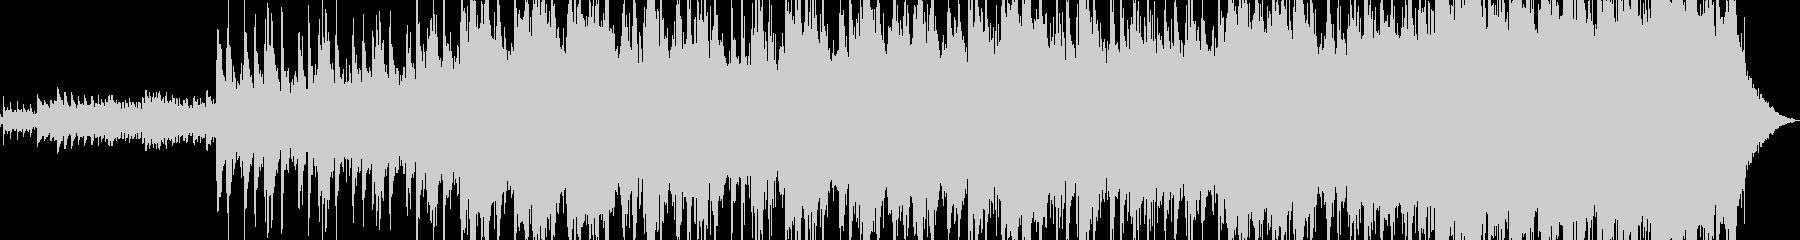 現代的 交響曲 室内楽 アクティブ...の未再生の波形